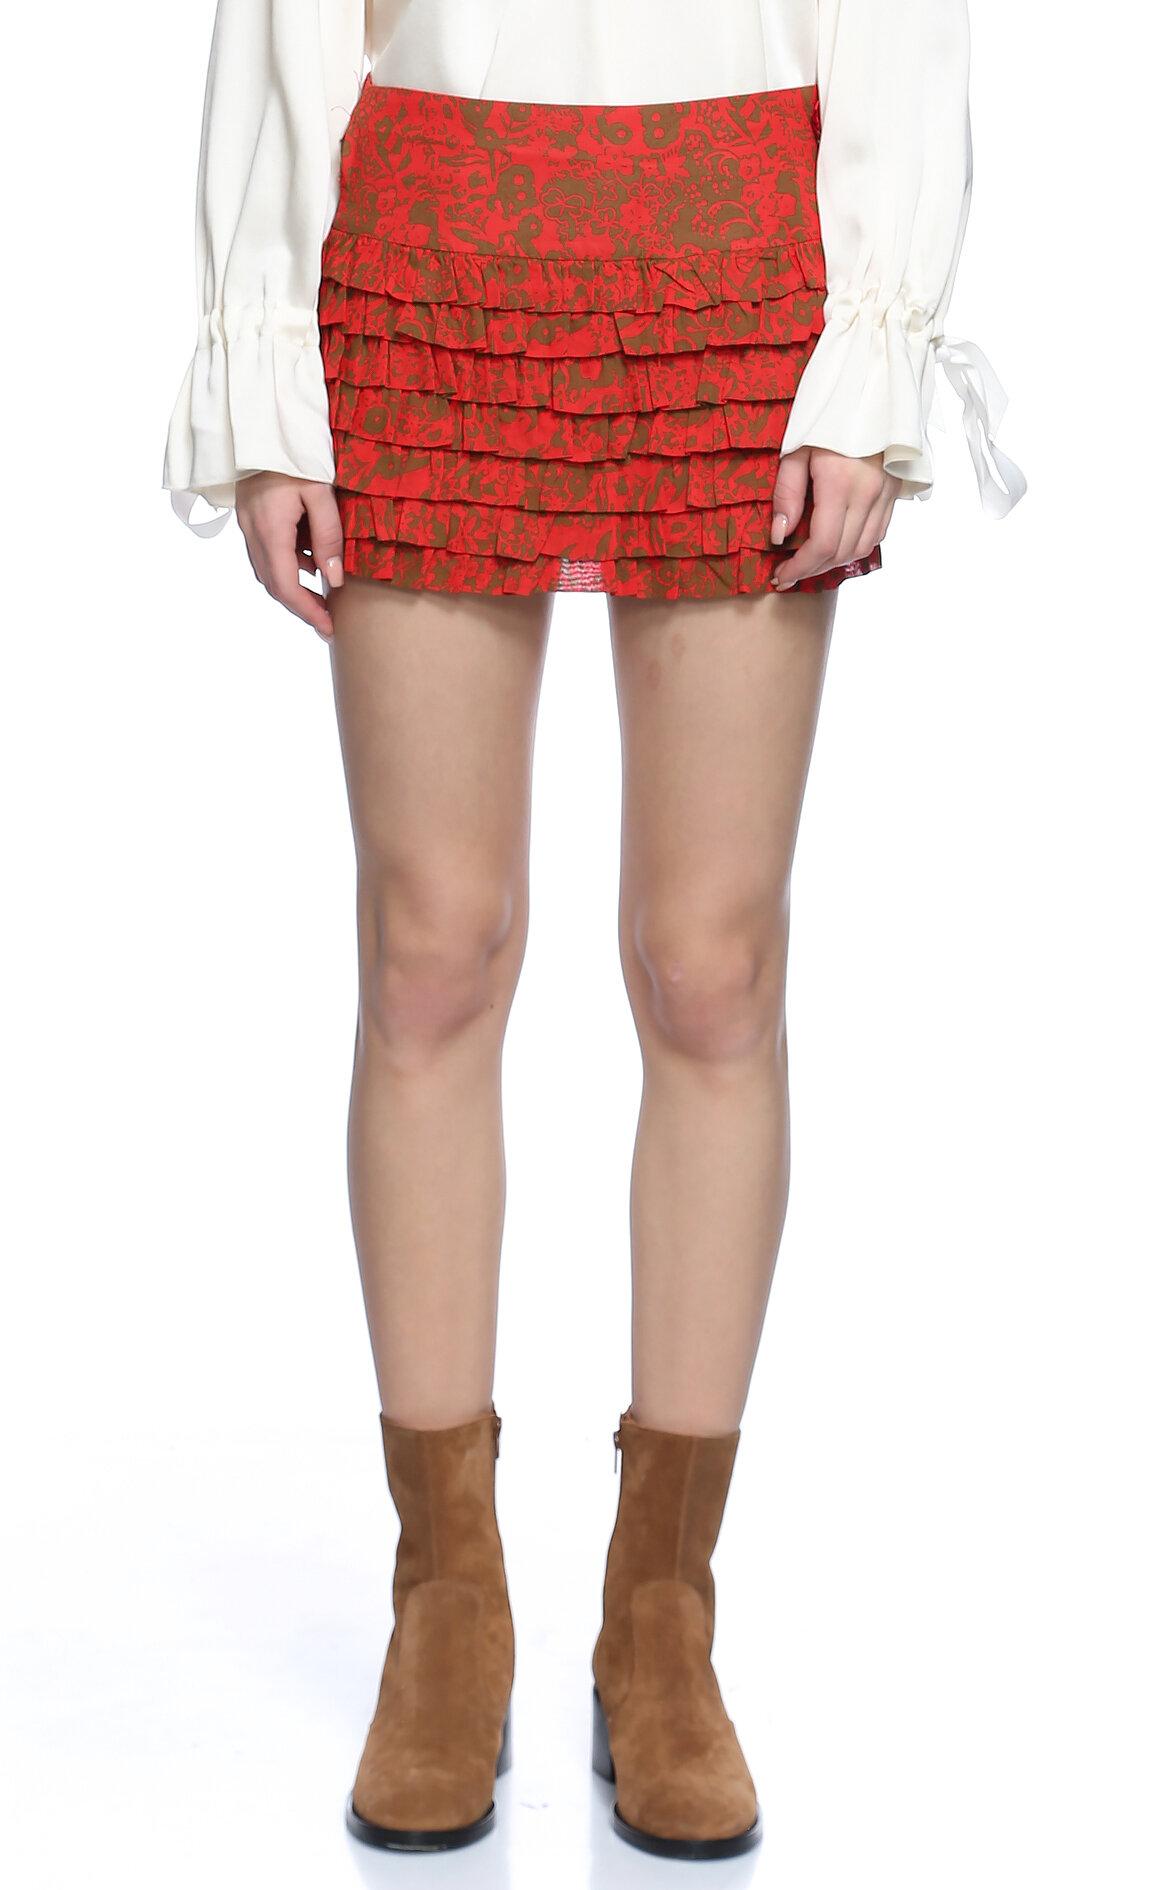 Ltd Jeans-Ltd Jeans Fırfırlı Desenli Mini Kırmızı Etek